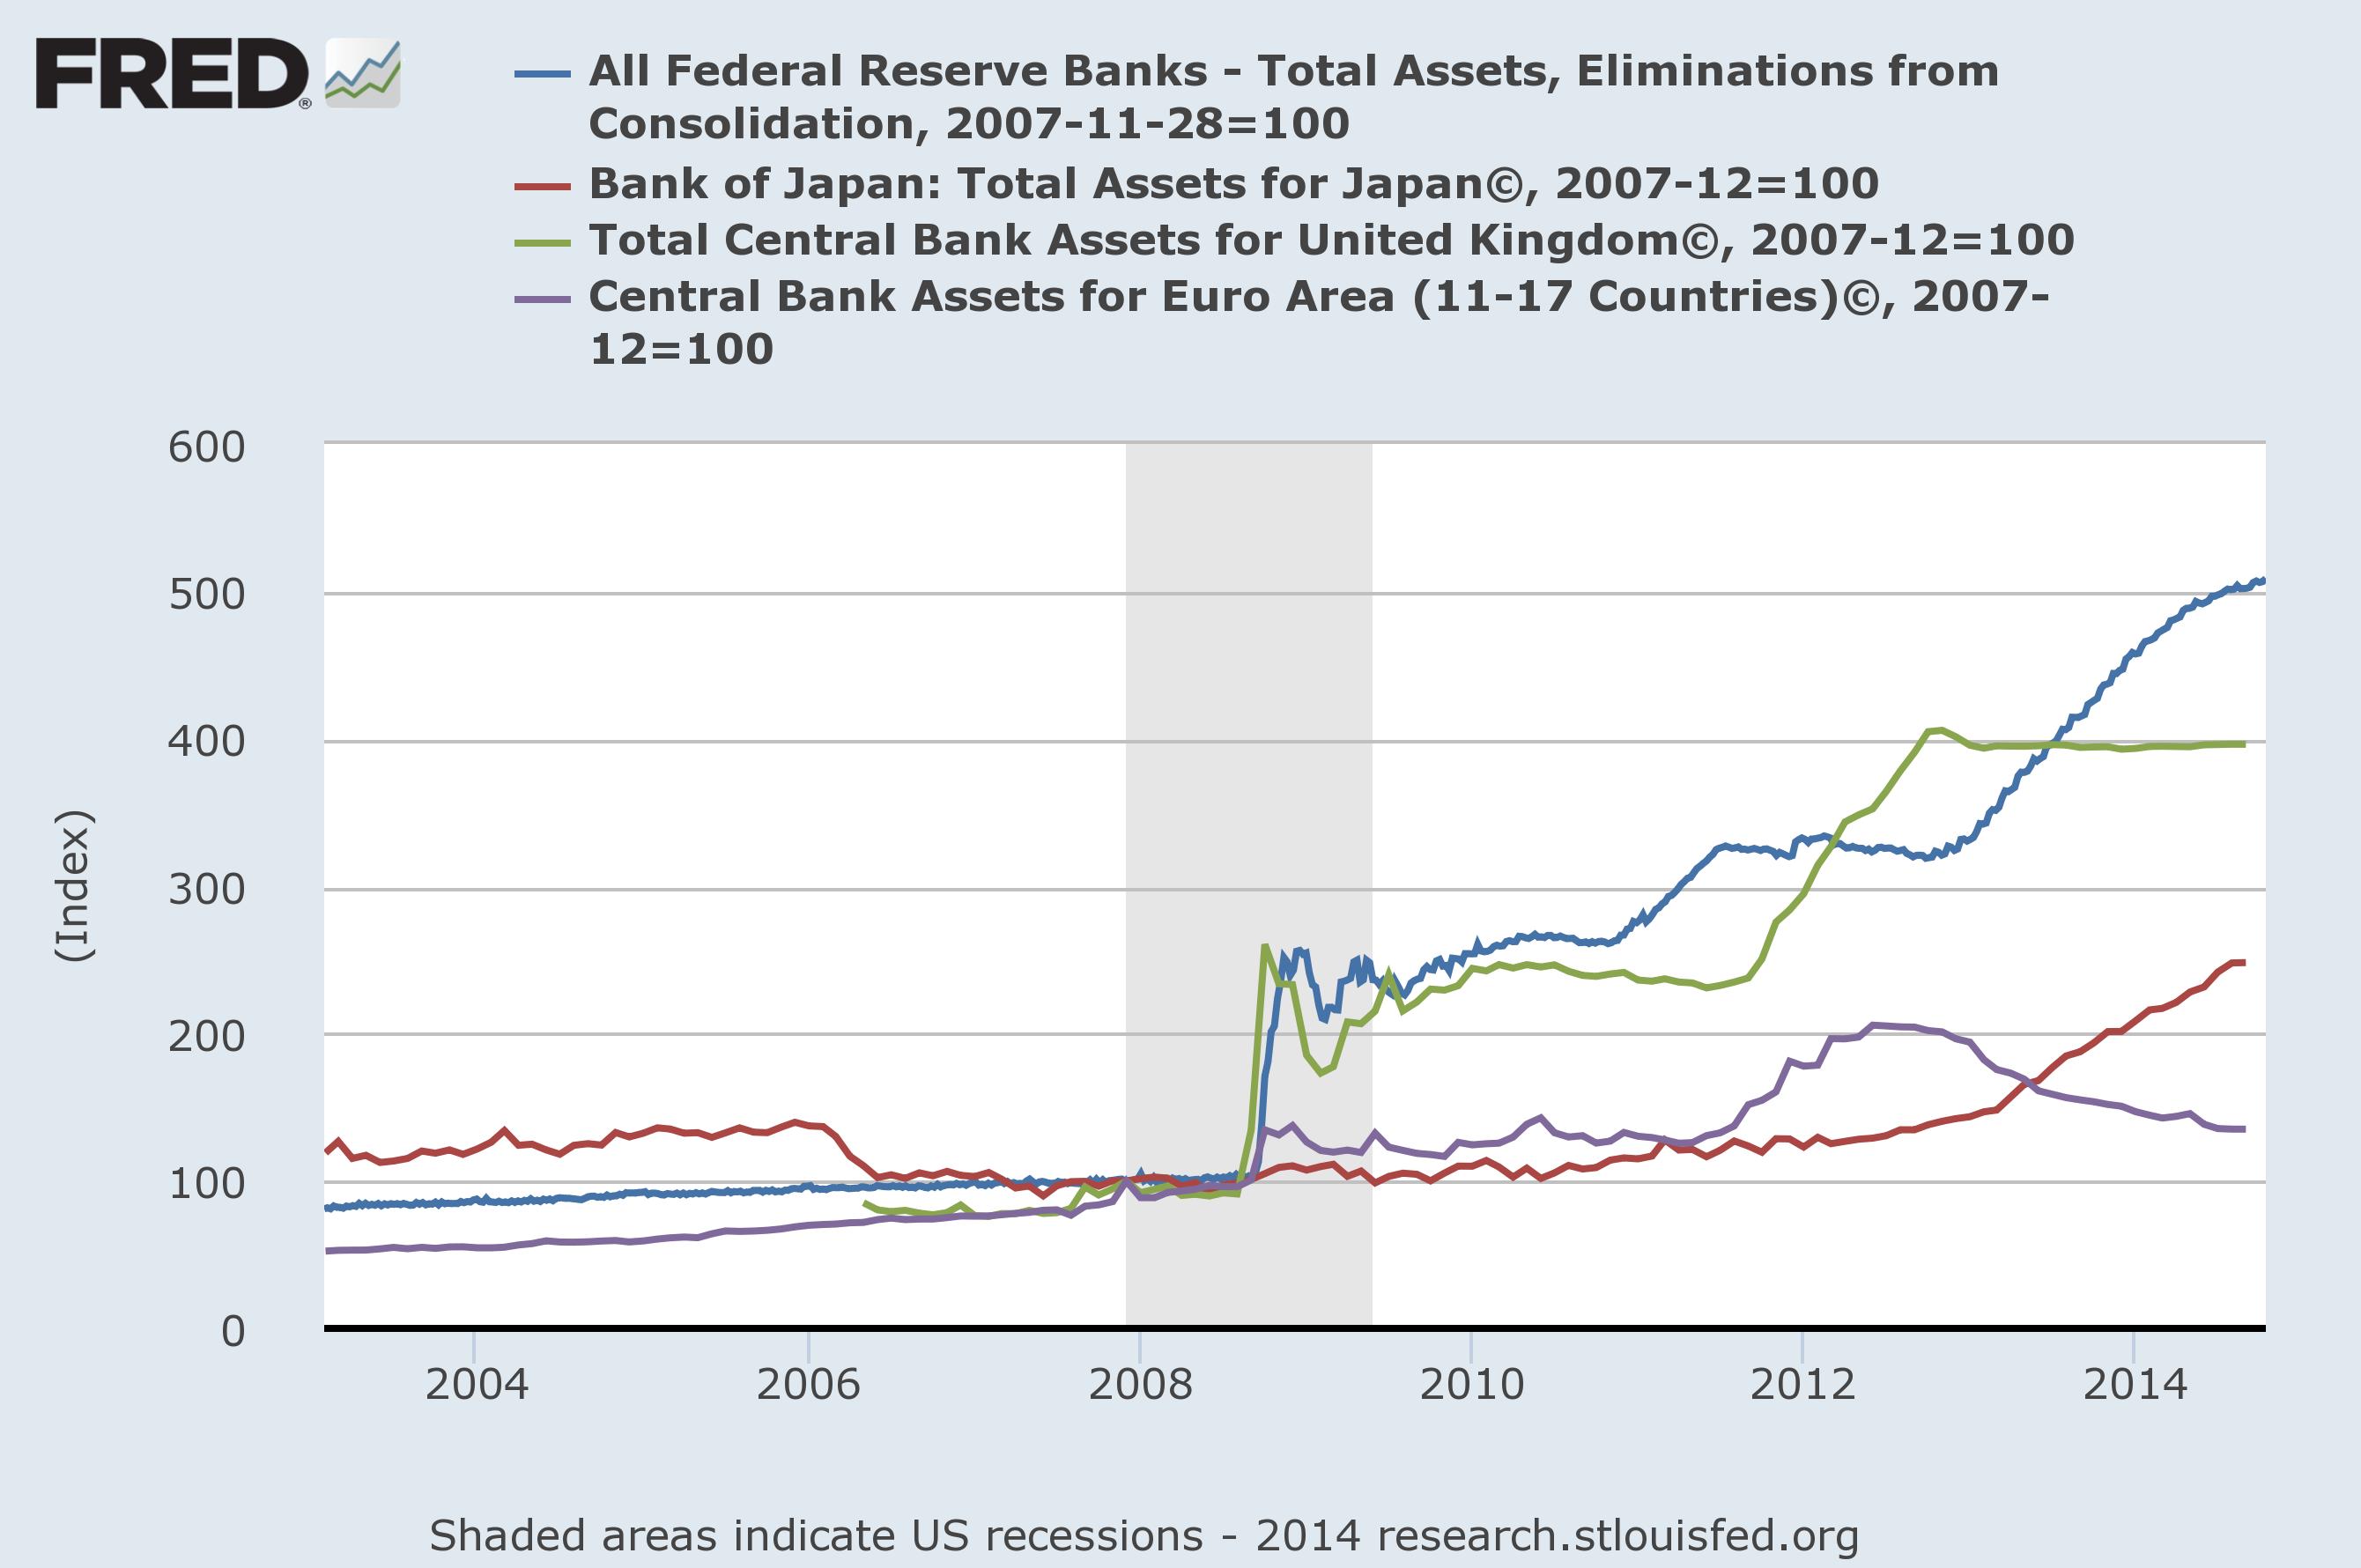 Total-Assets-FED-ECB-BoJ-BoE.png